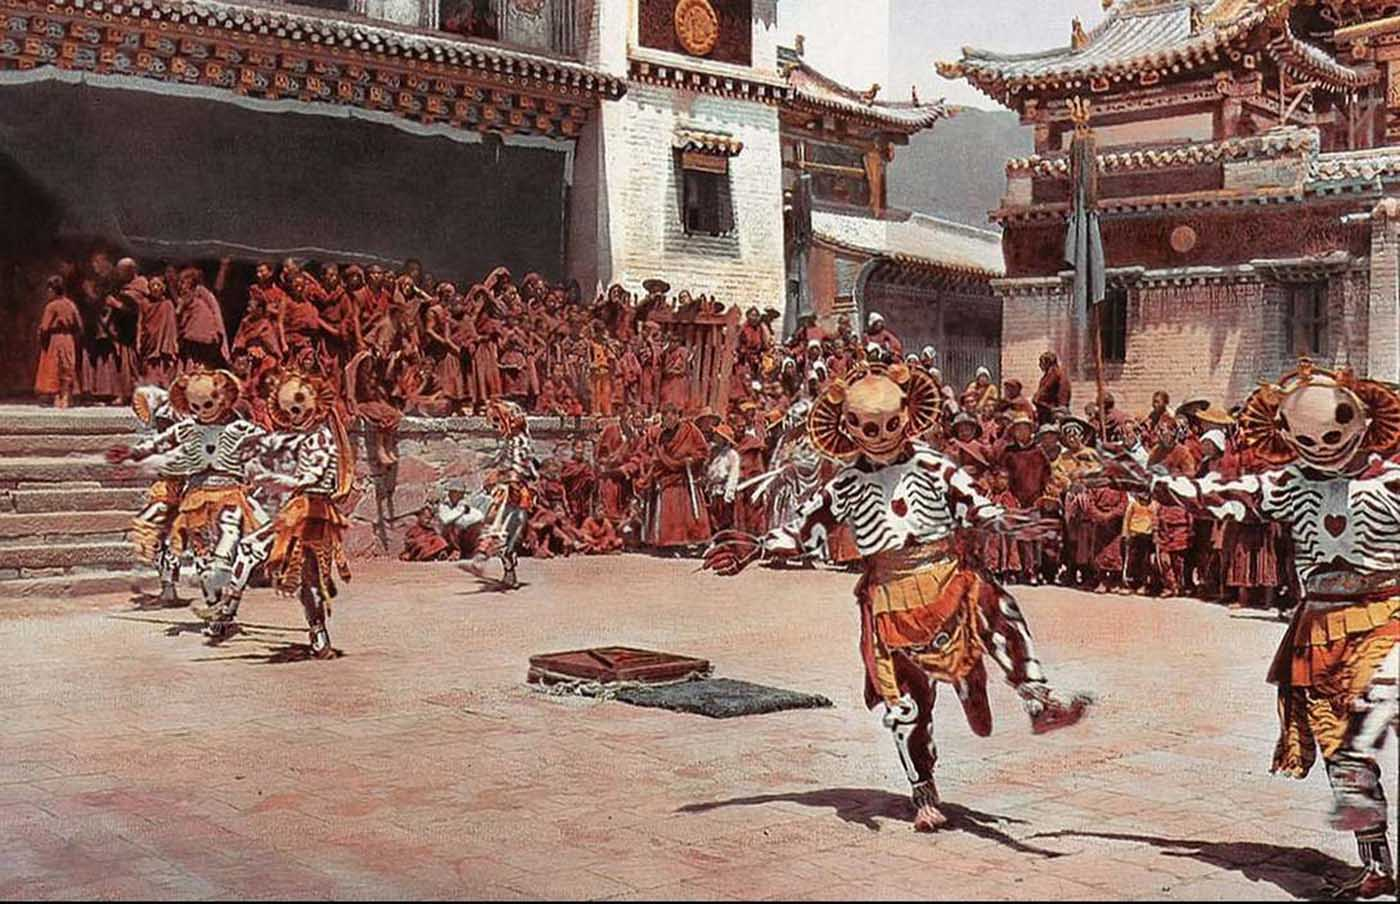 En 1925, Joseph Rock visitó el monasterio de Choni en la provincia de Gansu, donde se asentó durante dos años, mientras realizaba un intento fallido de llegar a las montañas de Amnyi Machen. Durante ese tiempo fue testigo de la